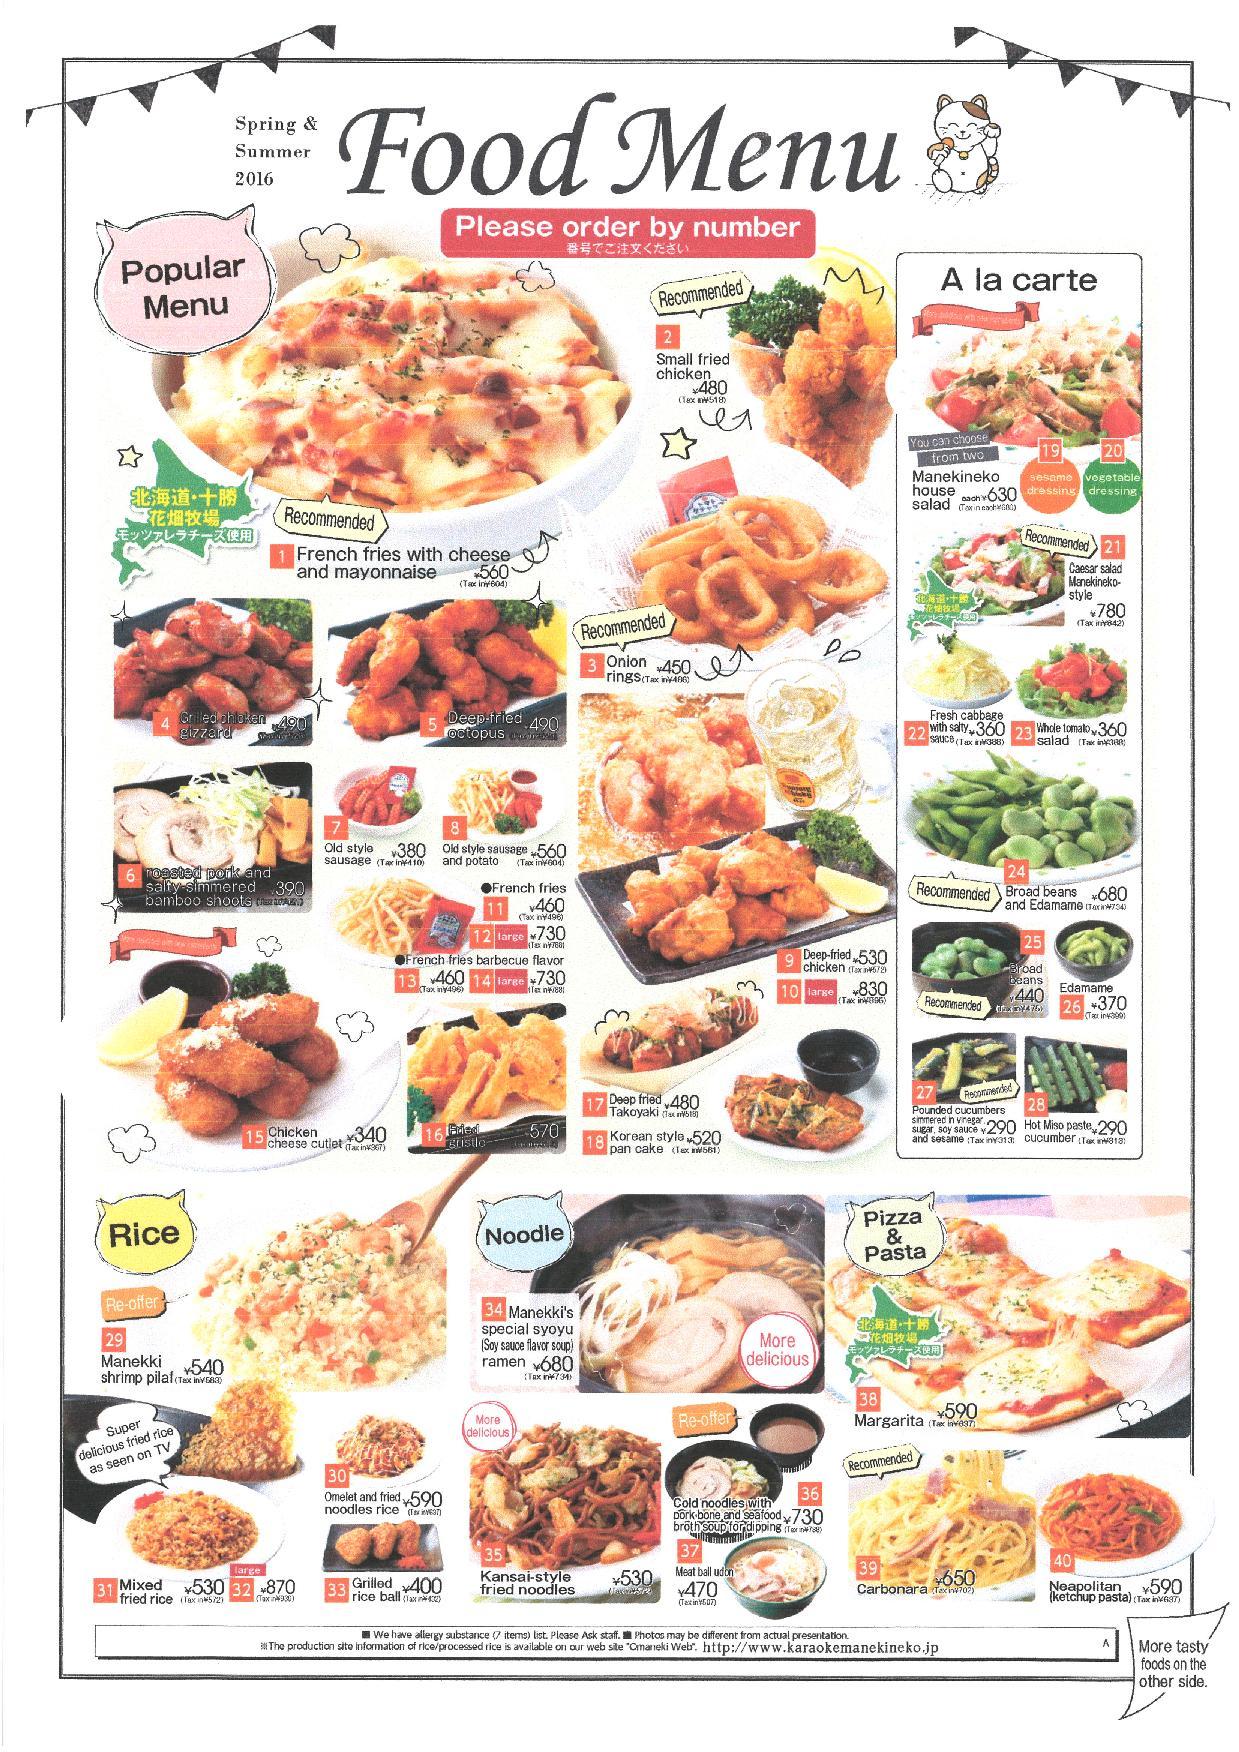 Manekineko's food menu changes by season